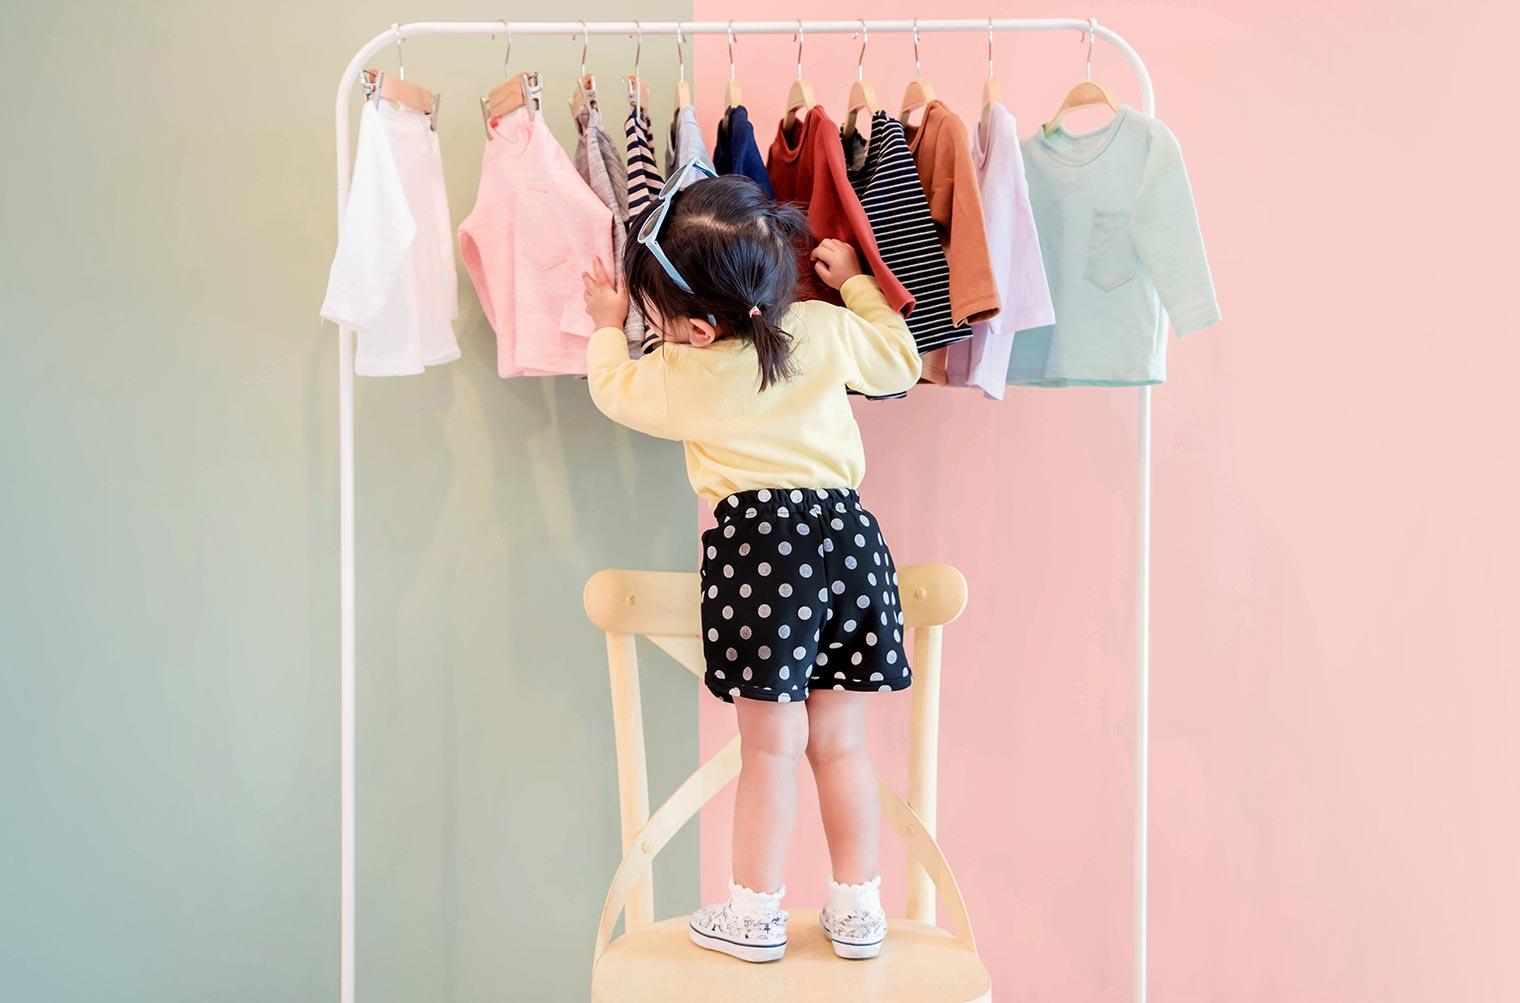 子供服をトランクルームに預けてスッキリした部屋づくりを